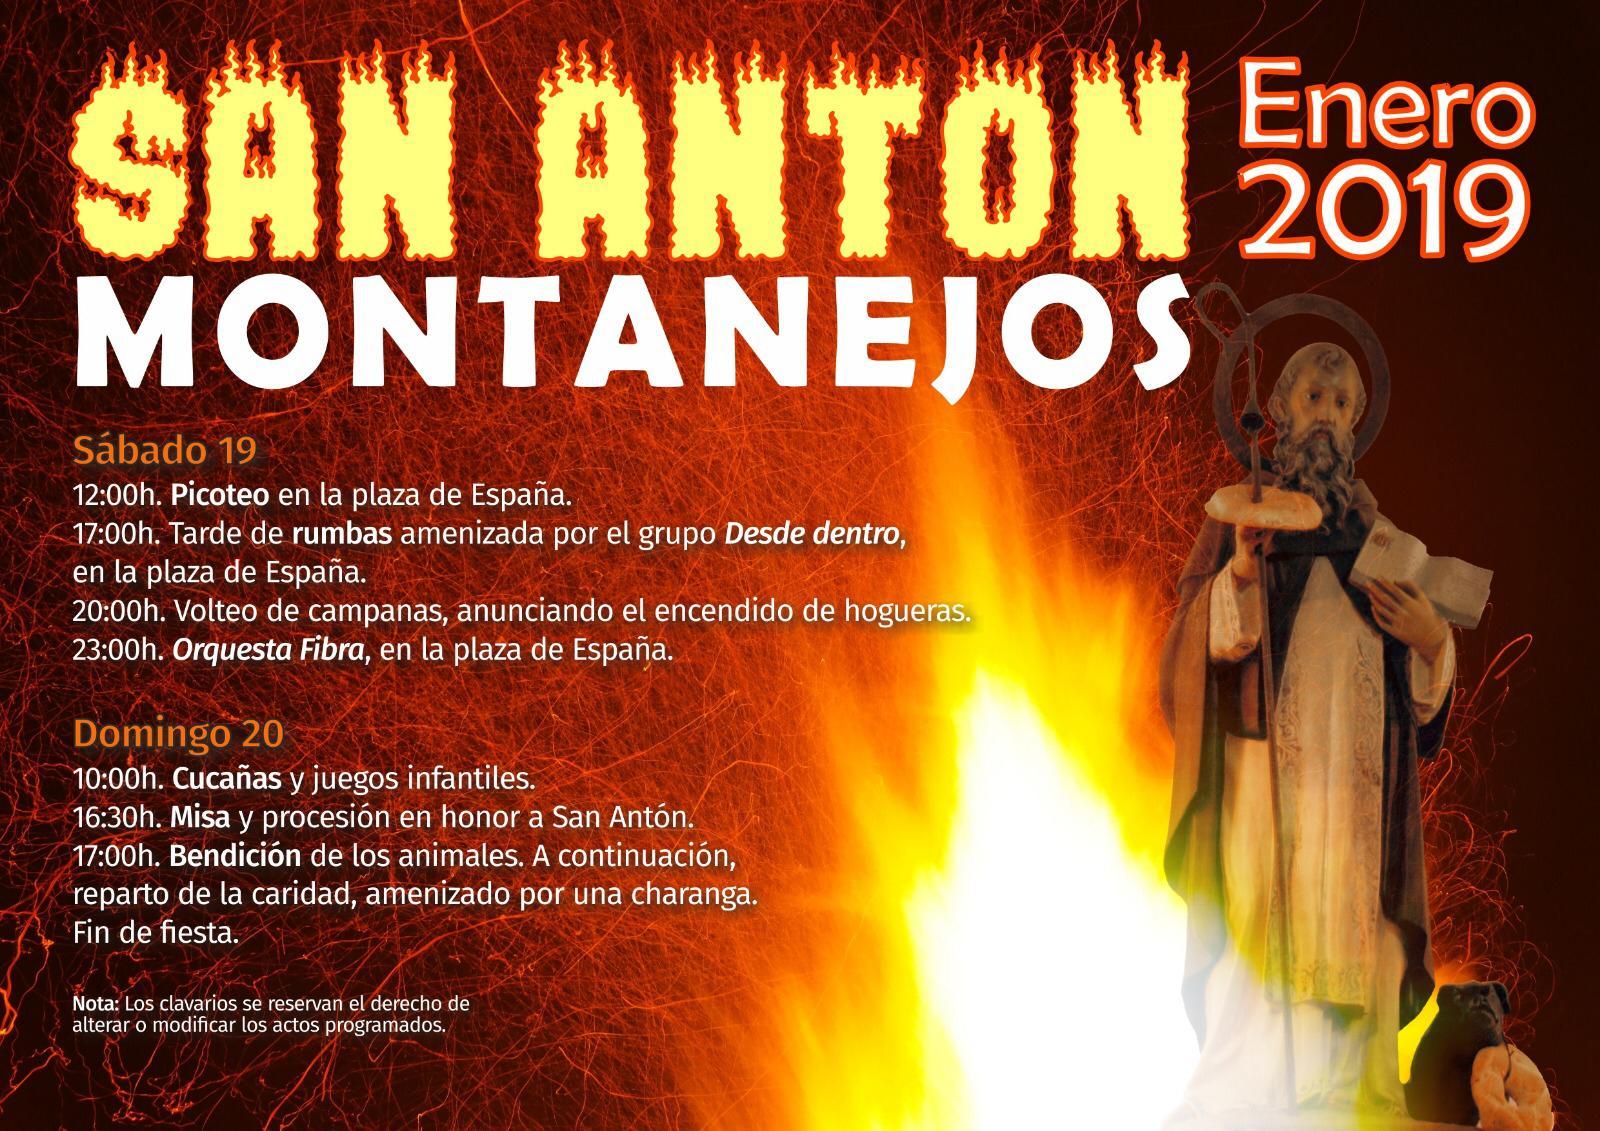 Los días 19 y 20 de enero disfruta San Antón en Montanejos